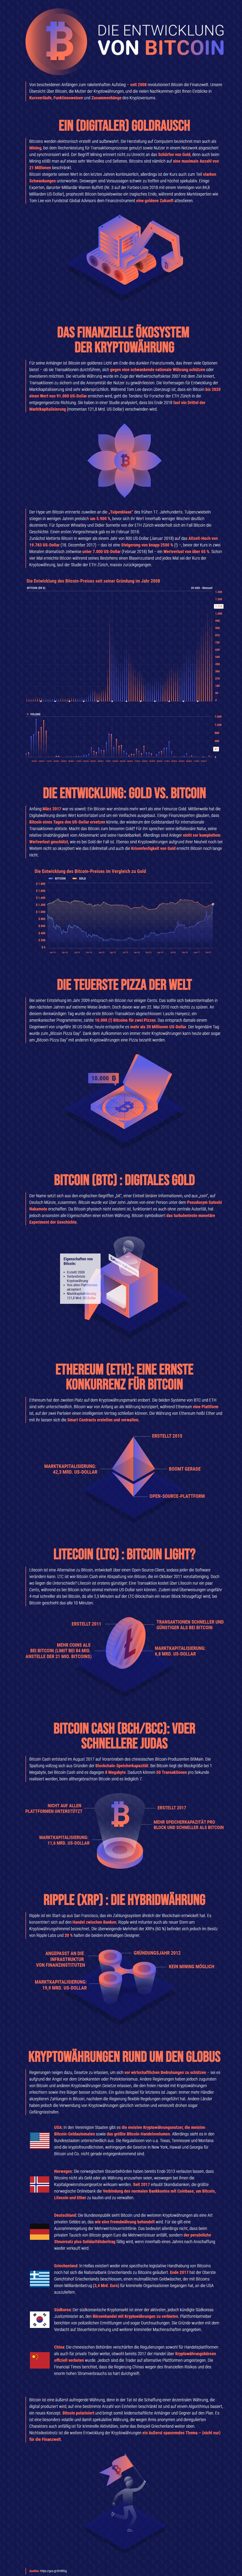 Die Entwicklung von Bitcoin